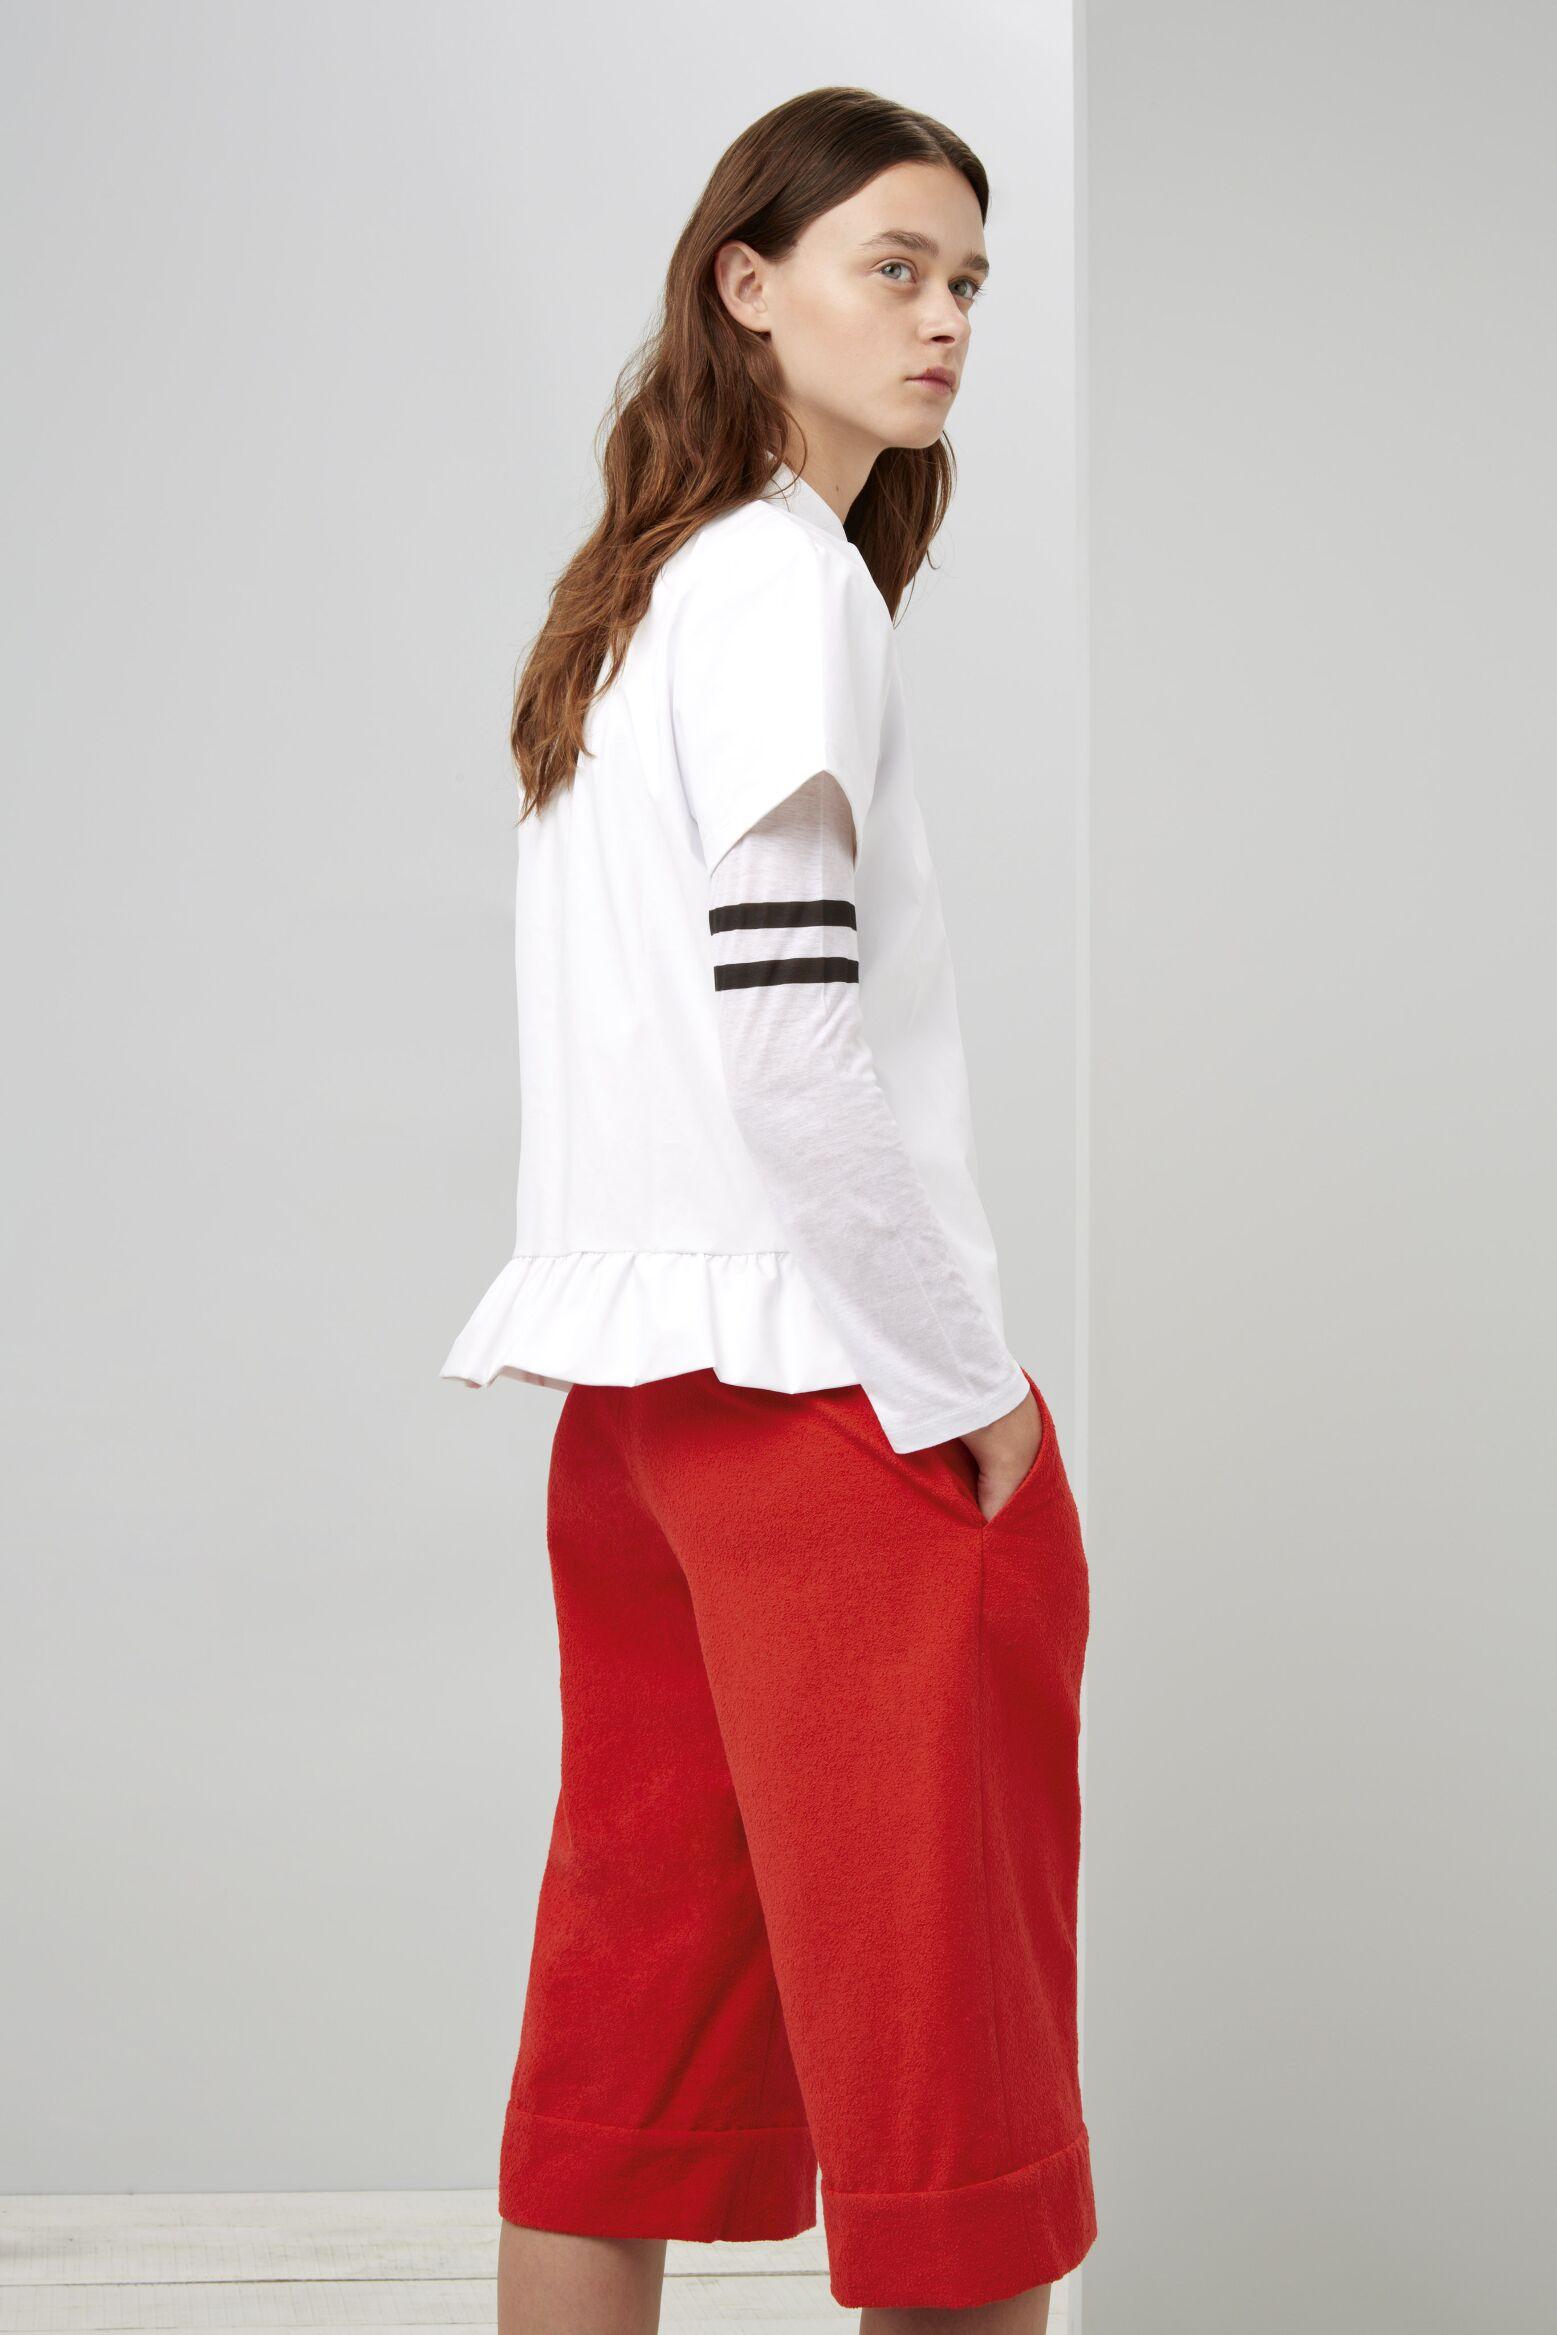 Spring Summer 2015 Fashion Model Arthur Arbesser